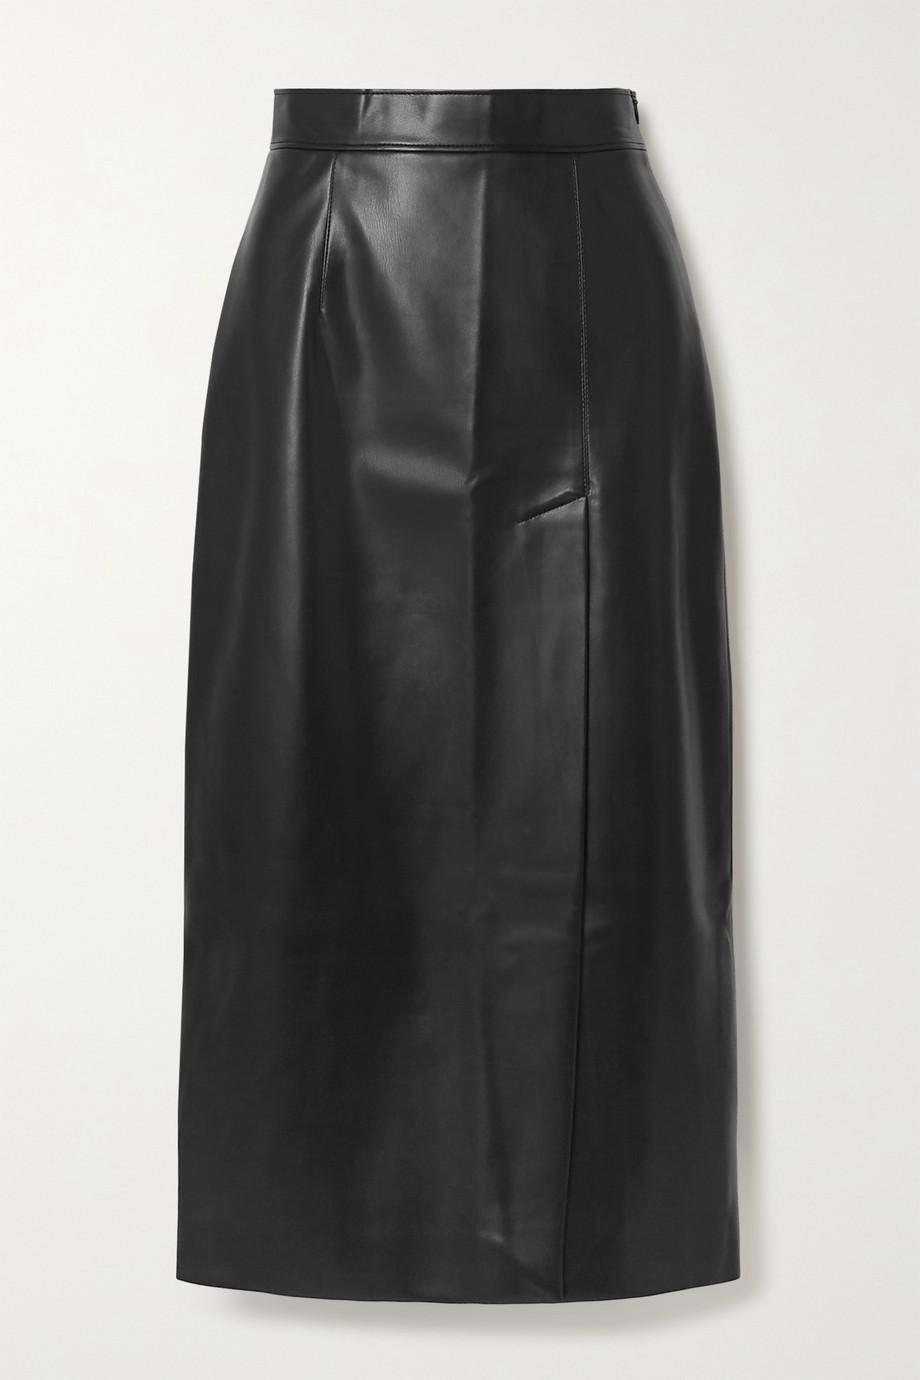 Aleksandre Akhalkatsishvili 人造皮革中长半身裙